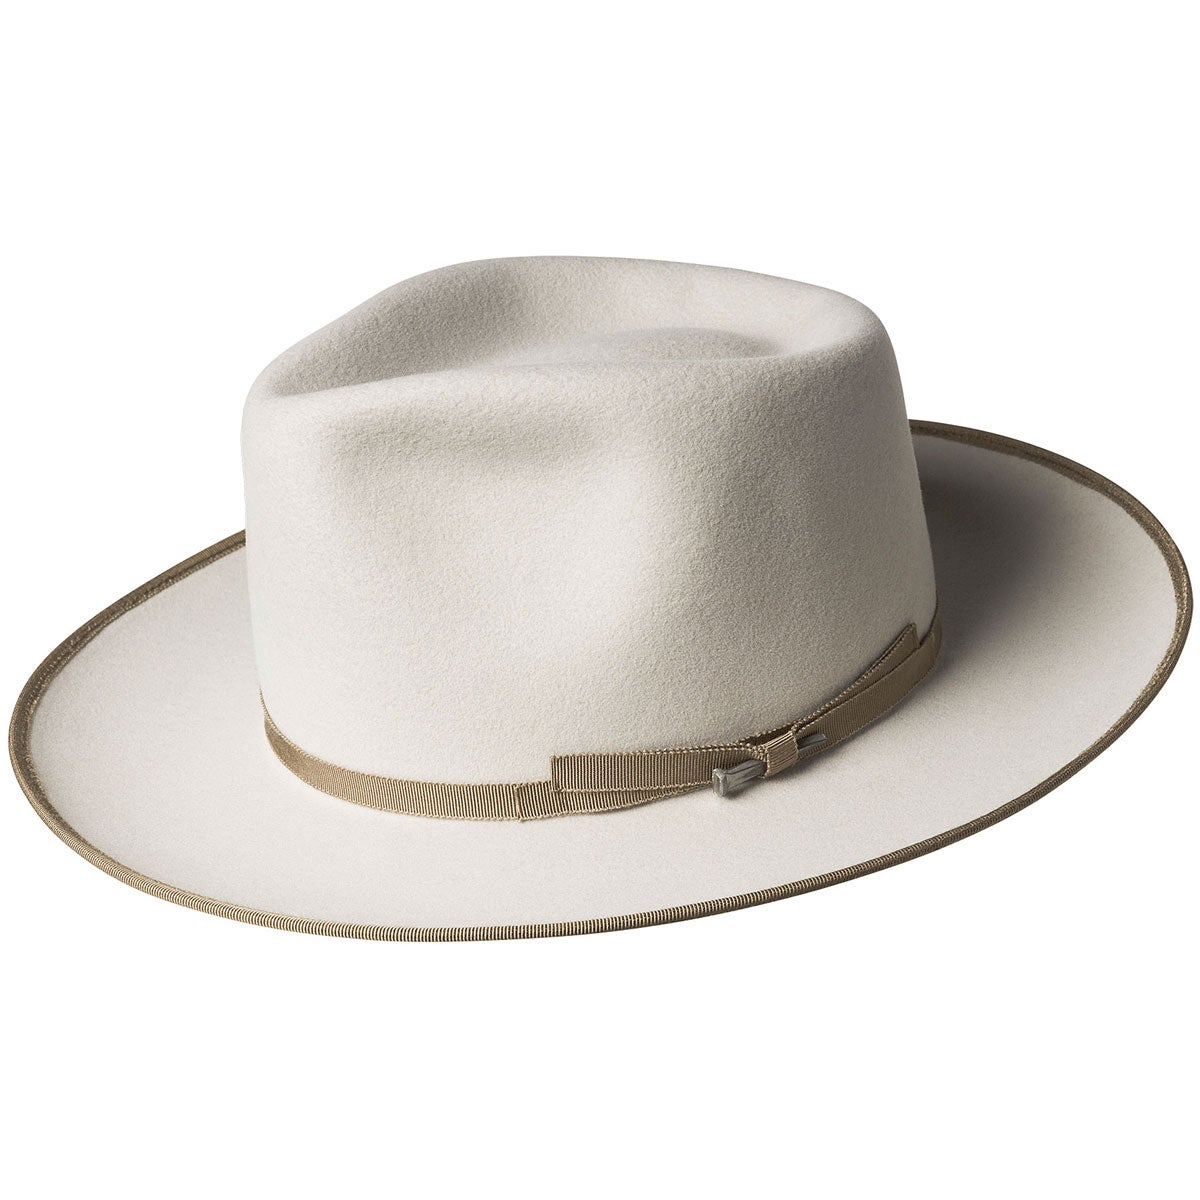 1950s Mens Hats | 50s Vintage Men's Hats Colver Fedora $163.00 AT vintagedancer.com